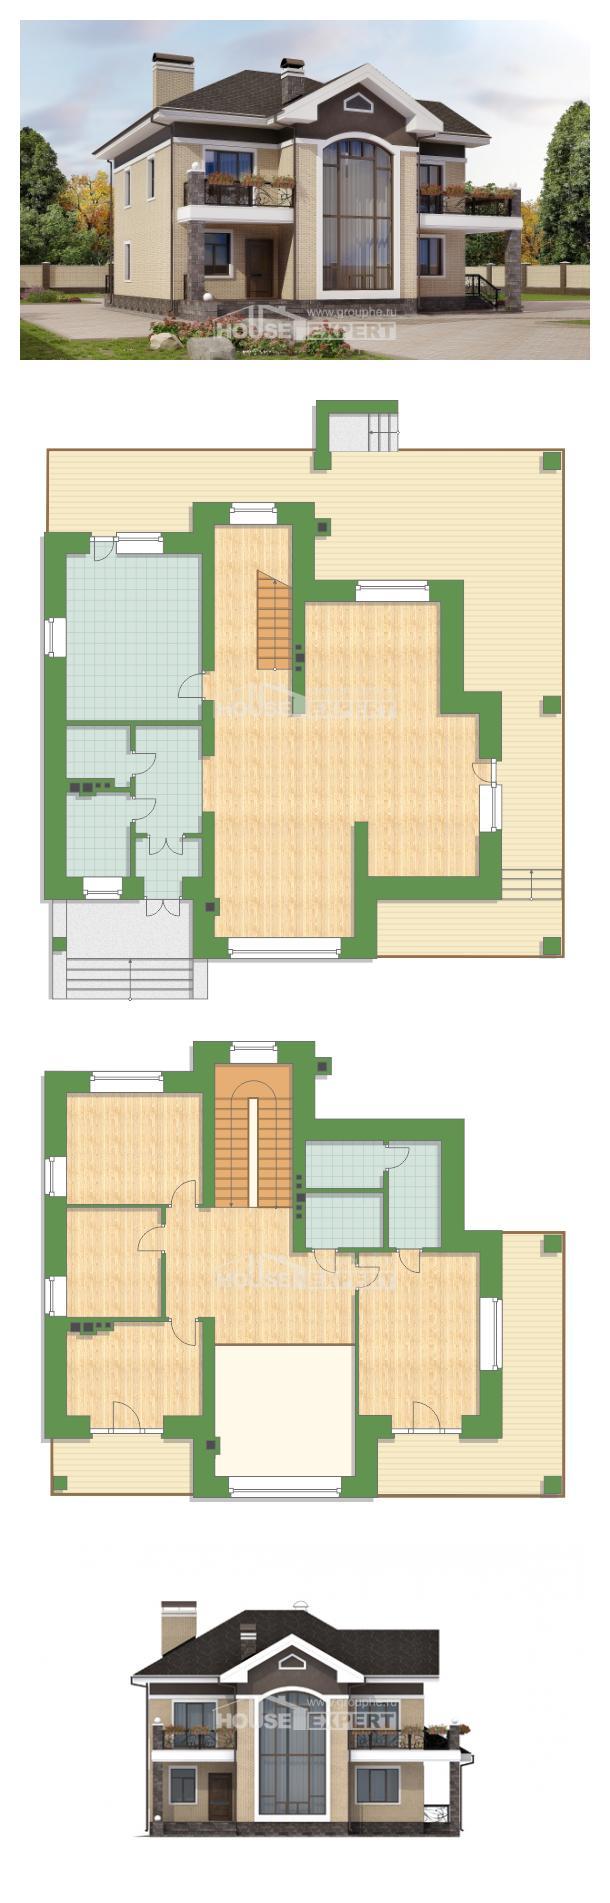 Plan 200-006-R | House Expert